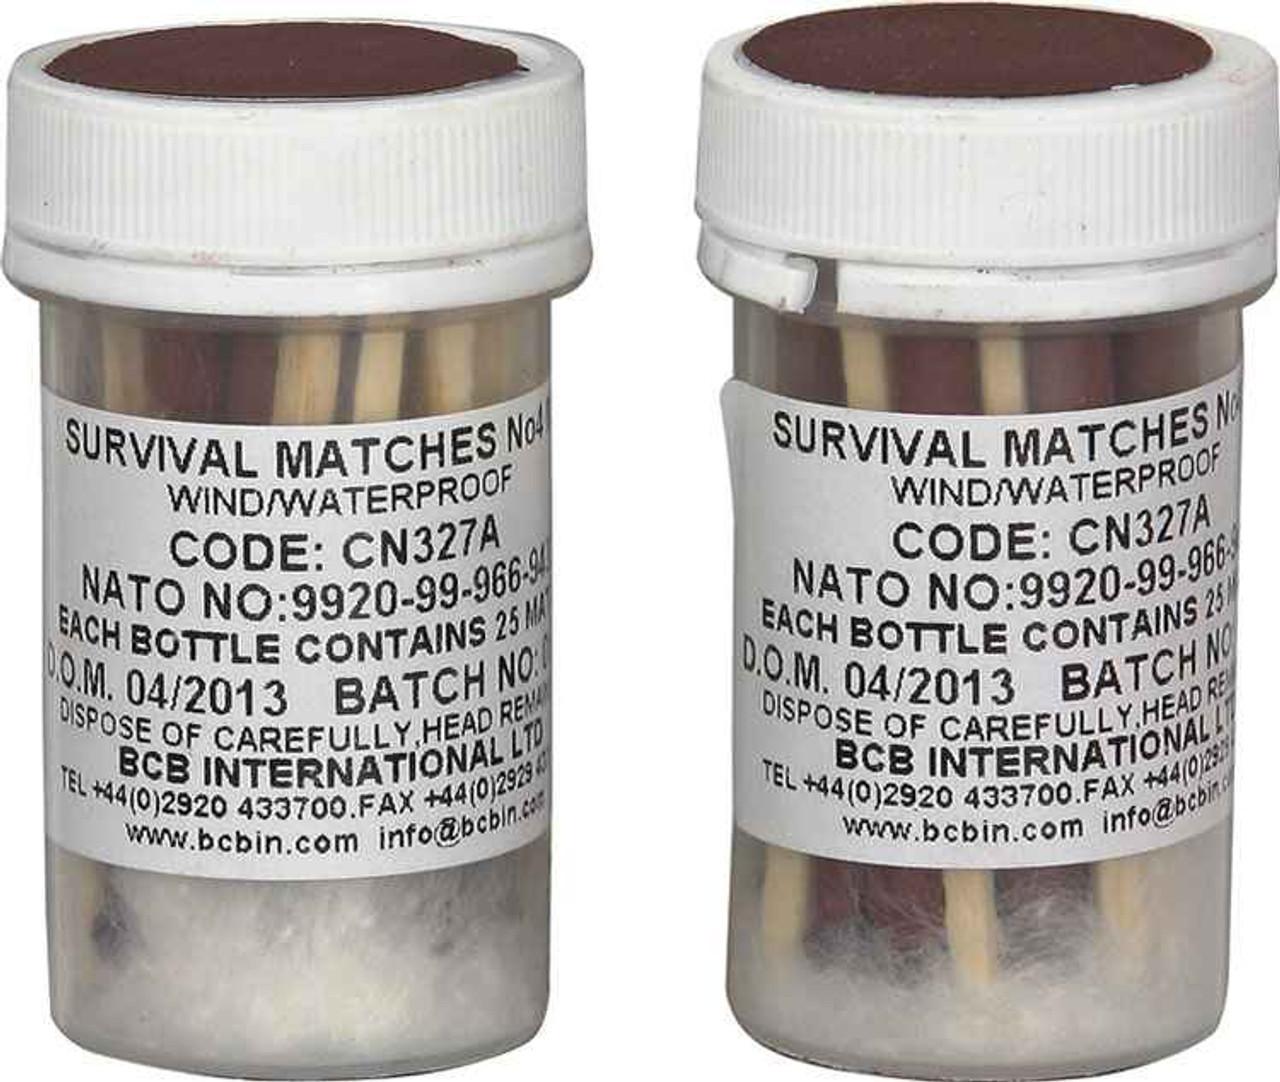 Bushcraft Weatherproof Survival Matches